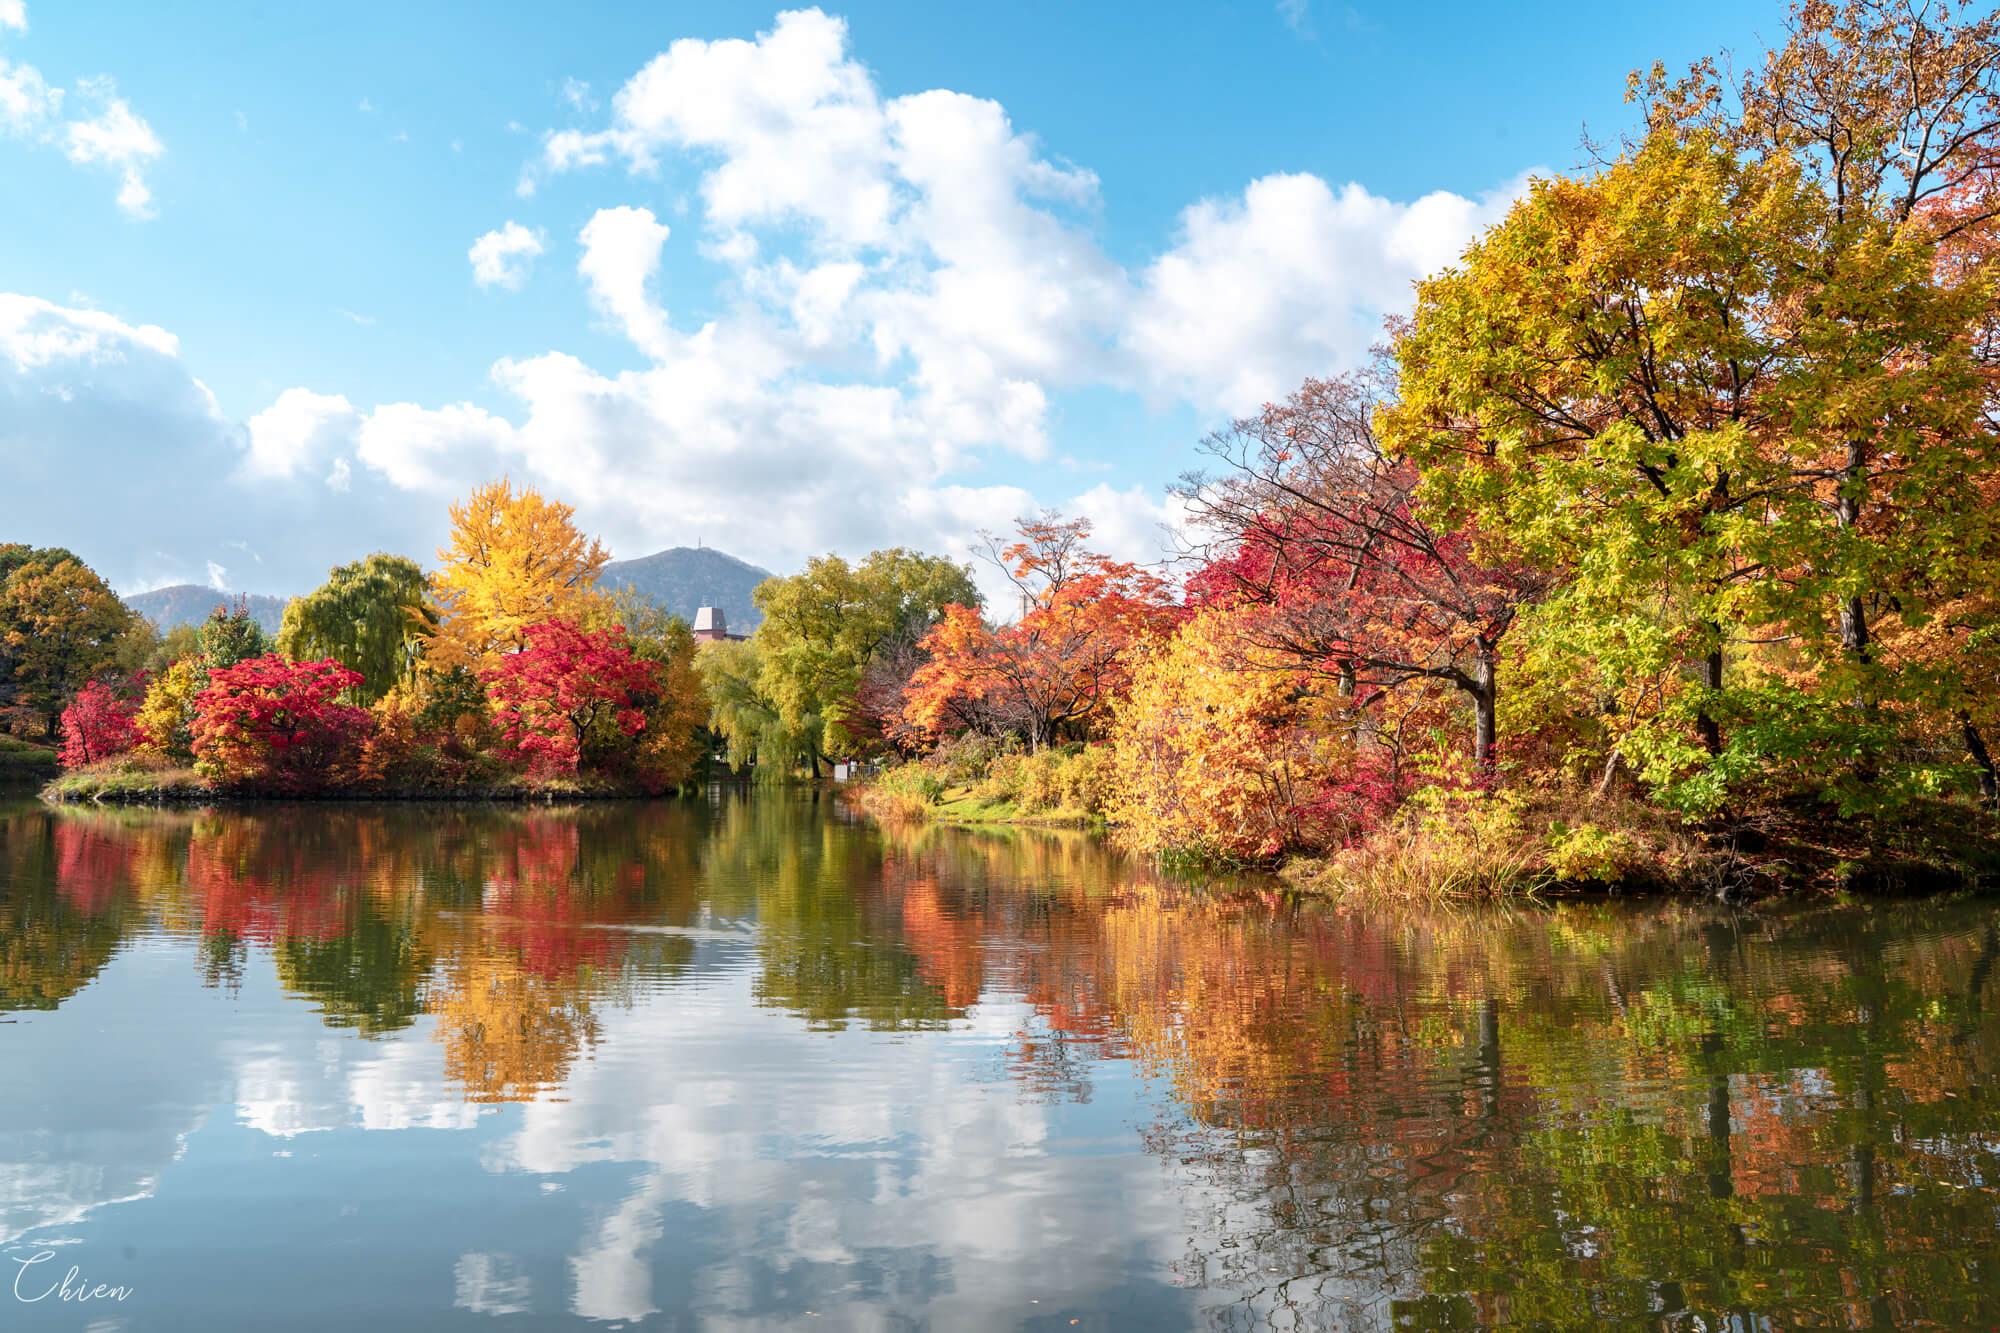 札幌景點中島公園 菖蒲池